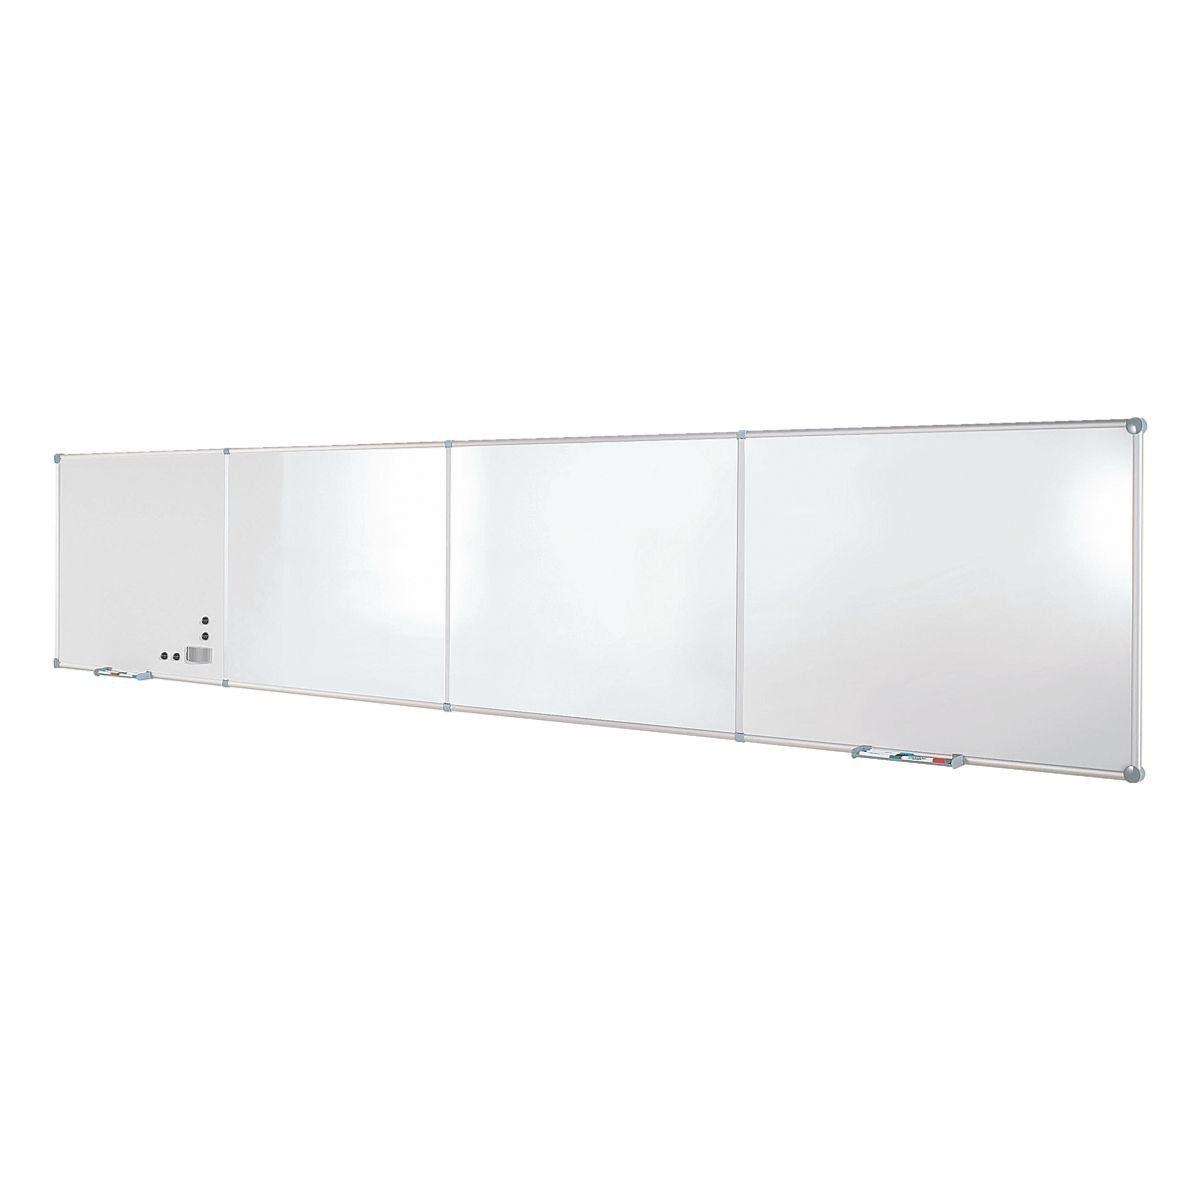 Maul Endlos-Whiteboard Erweiterung emailliert, 120 x 90 cm »6334884«